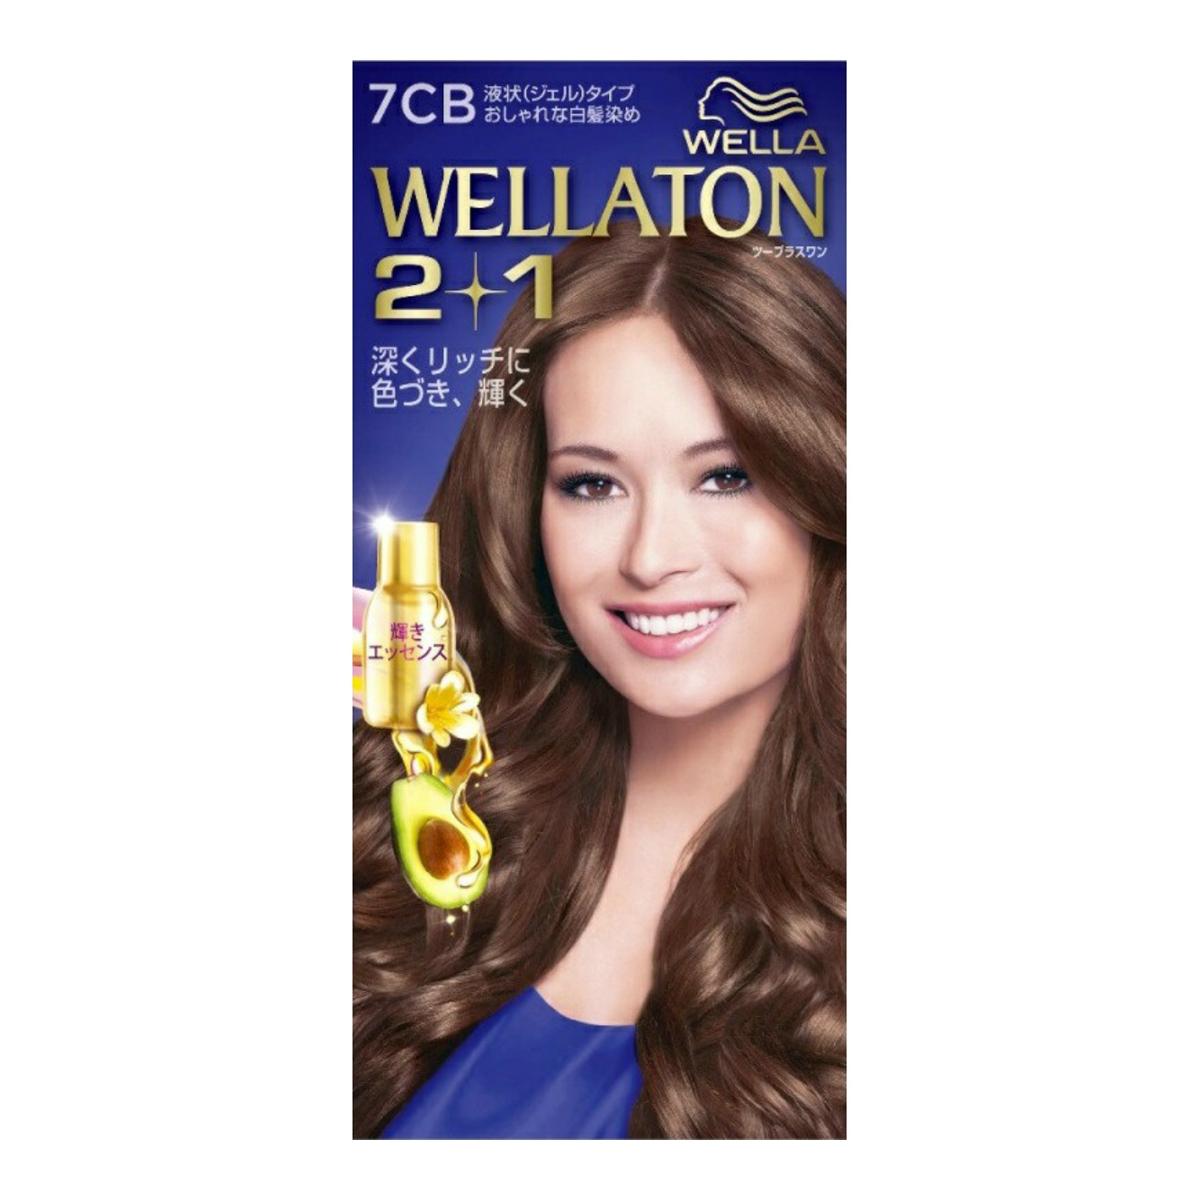 【送料無料・まとめ買い×10】ウエラトーン ツープラスワン ( 2+1 ) 液状タイプ 7CB ( 女性用白髪染め ) ×10点セット ( 4056800251353 )